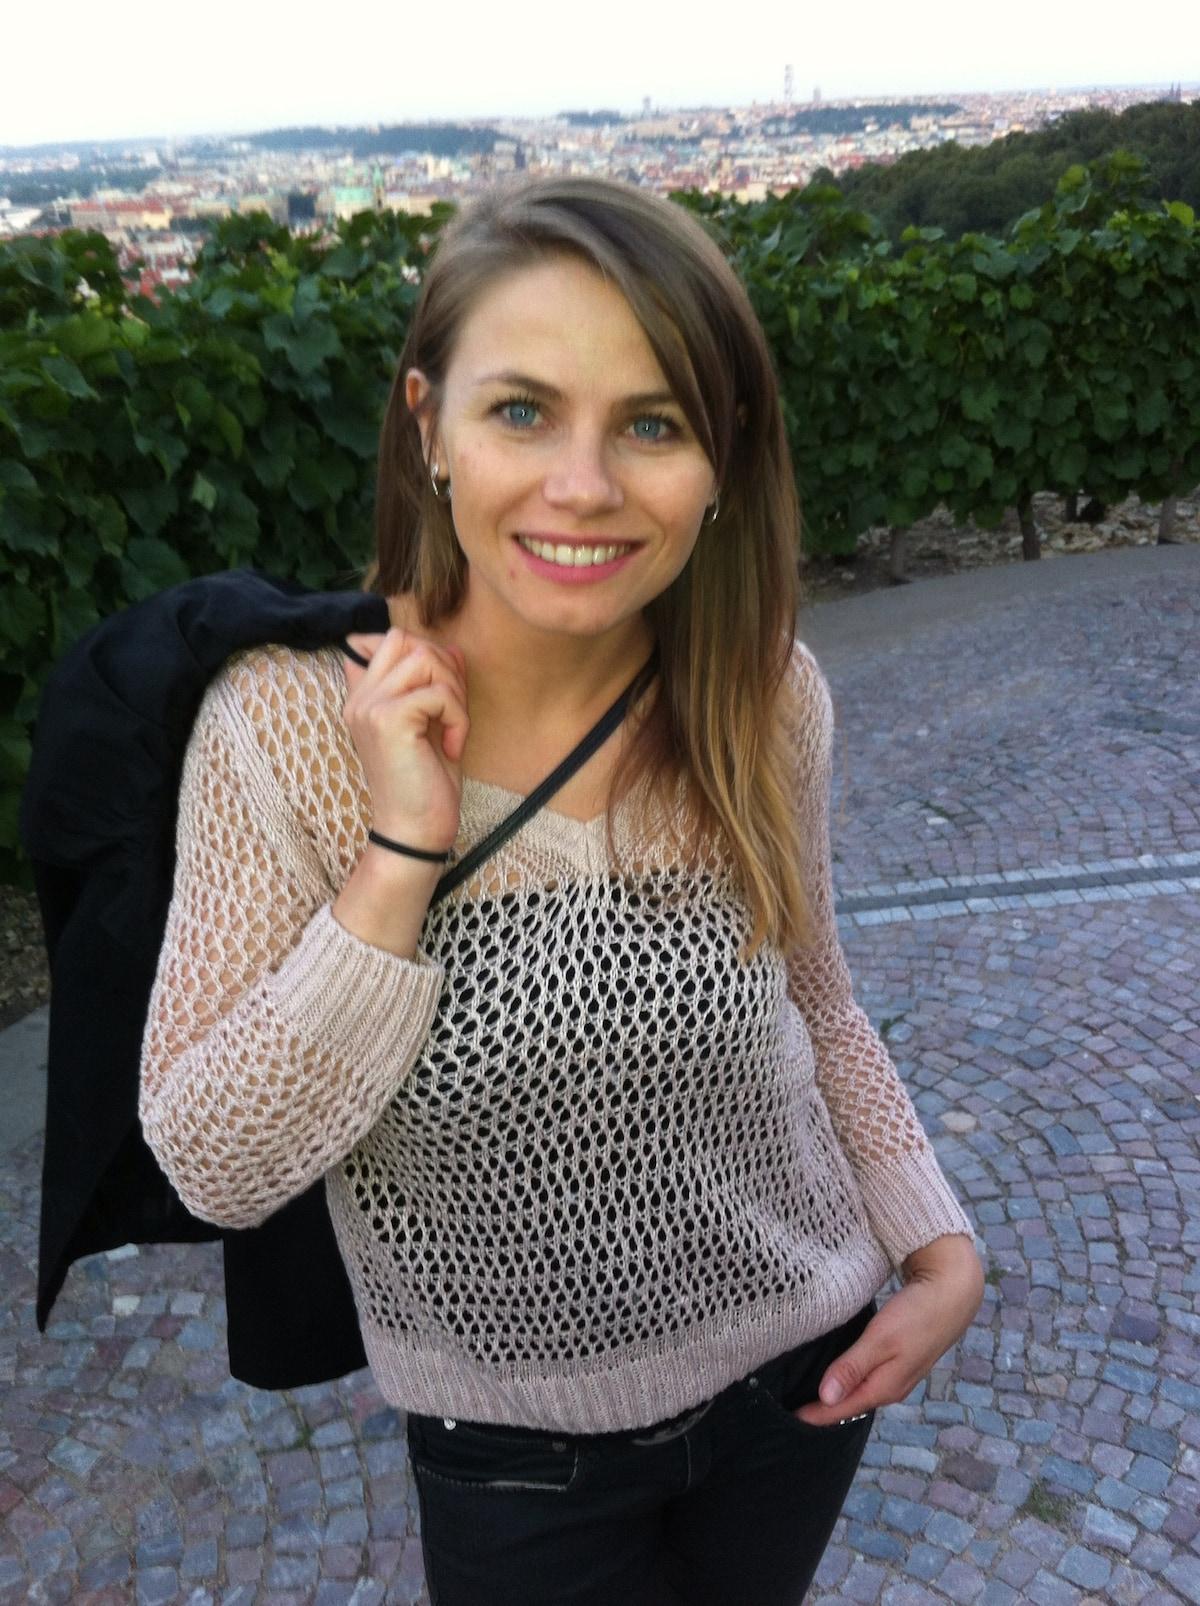 Zofie From Prague, Czech Republic